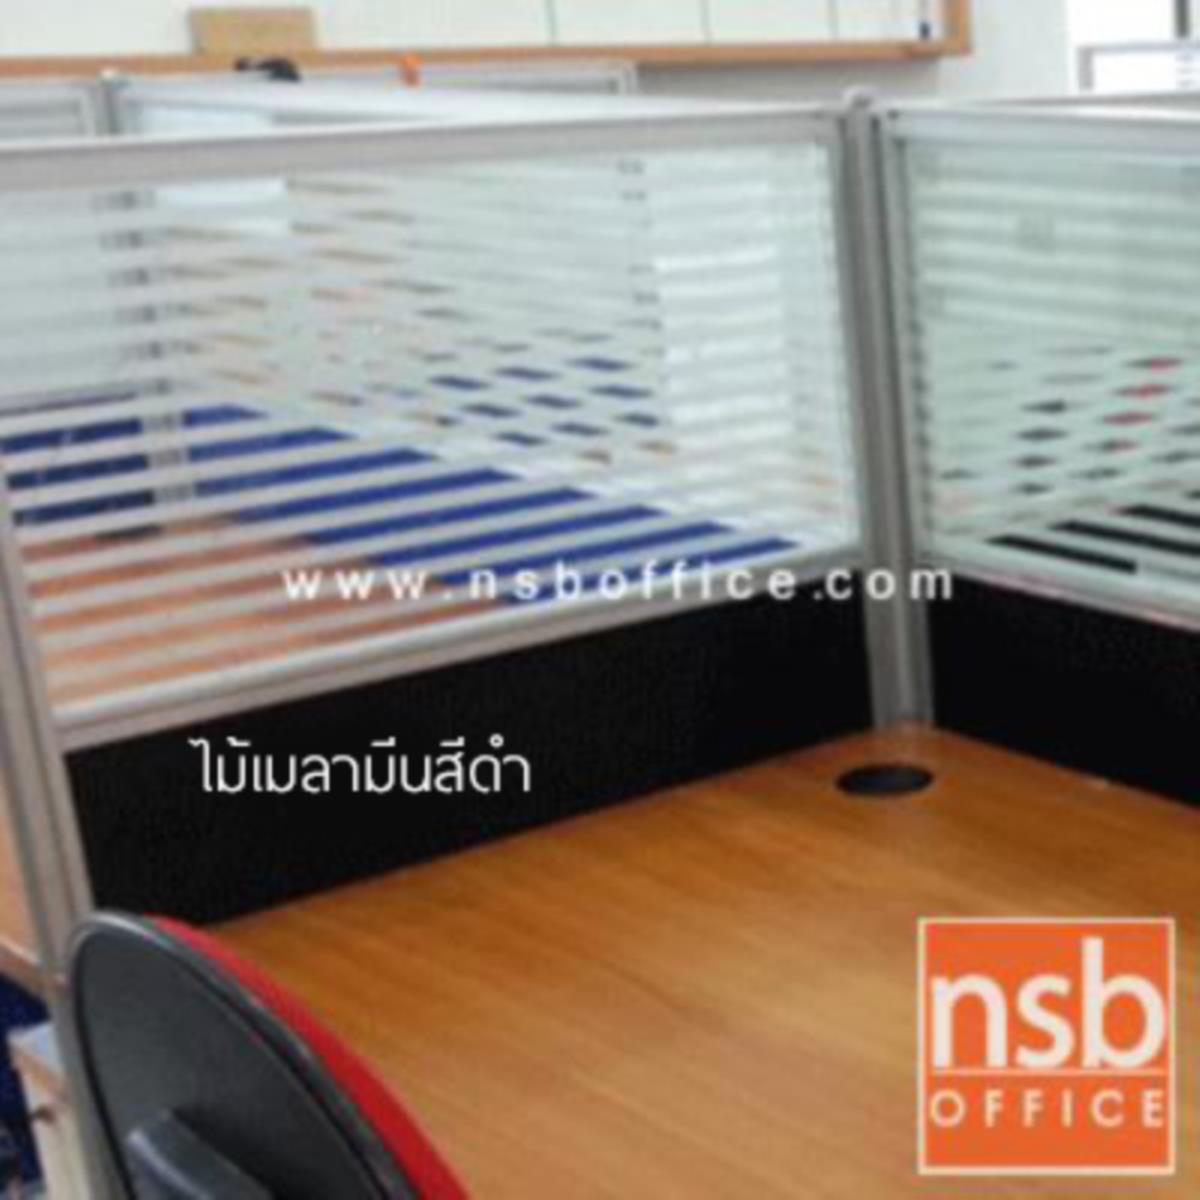 ชุดโต๊ะทำงานกลุ่มตัวแอล 4 ที่นั่ง   ขนาดรวม 610W*124D cm. พร้อมพาร์ทิชั่นครึ่งกระจกขัดลาย